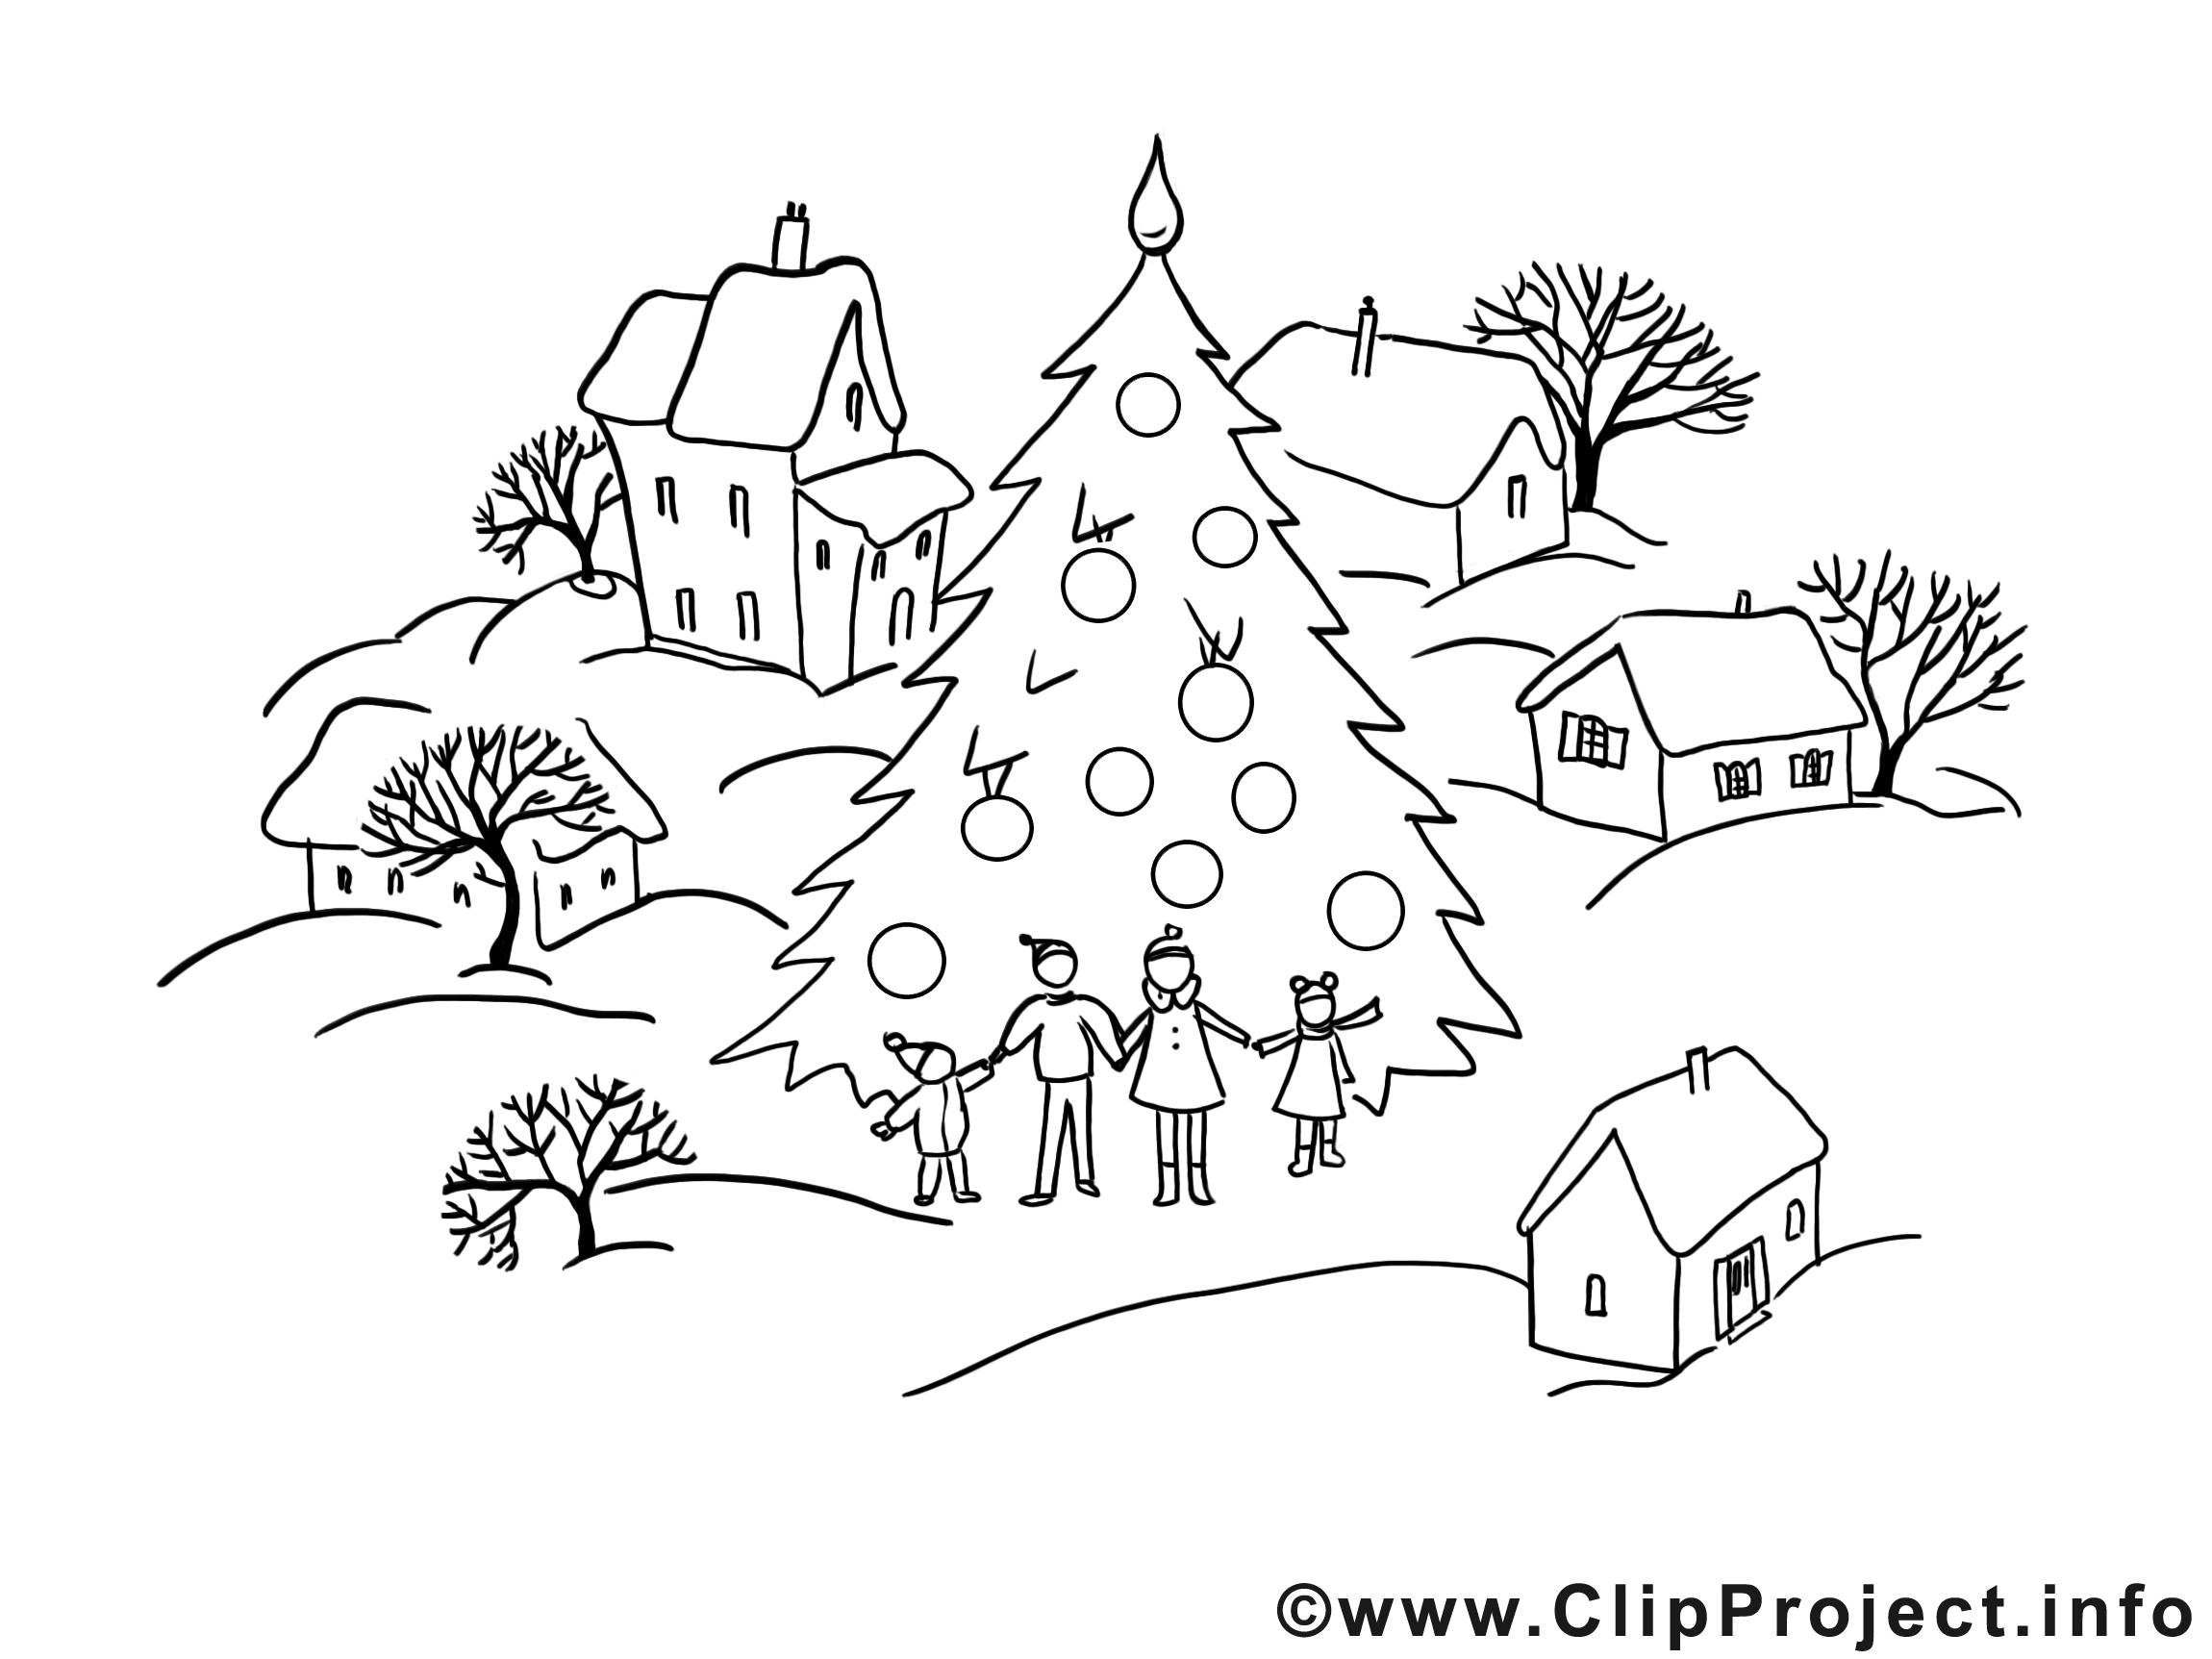 Weihnachtsbaum Malvorlage  Malvorlagen weihnachten, Malvorlagen